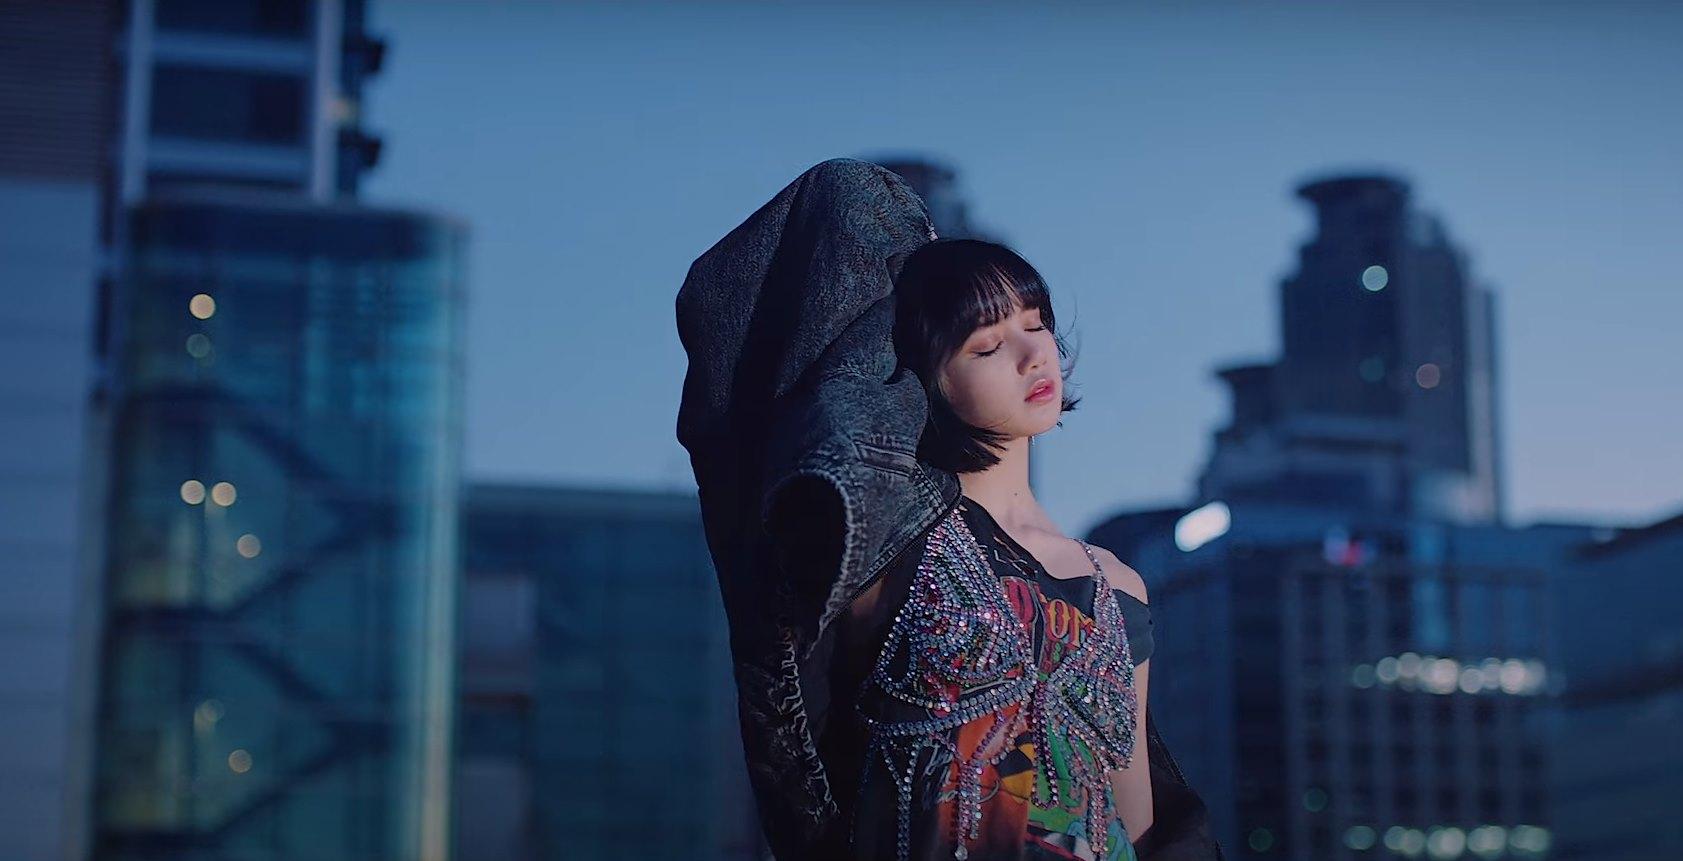 BLACKPINK tung bộ ảnh mới: Jisoo 'ngầu lòi', Lisa Jennie ra dáng bad girl, qua Rosé đừng sốc nha 'quý zị' 7